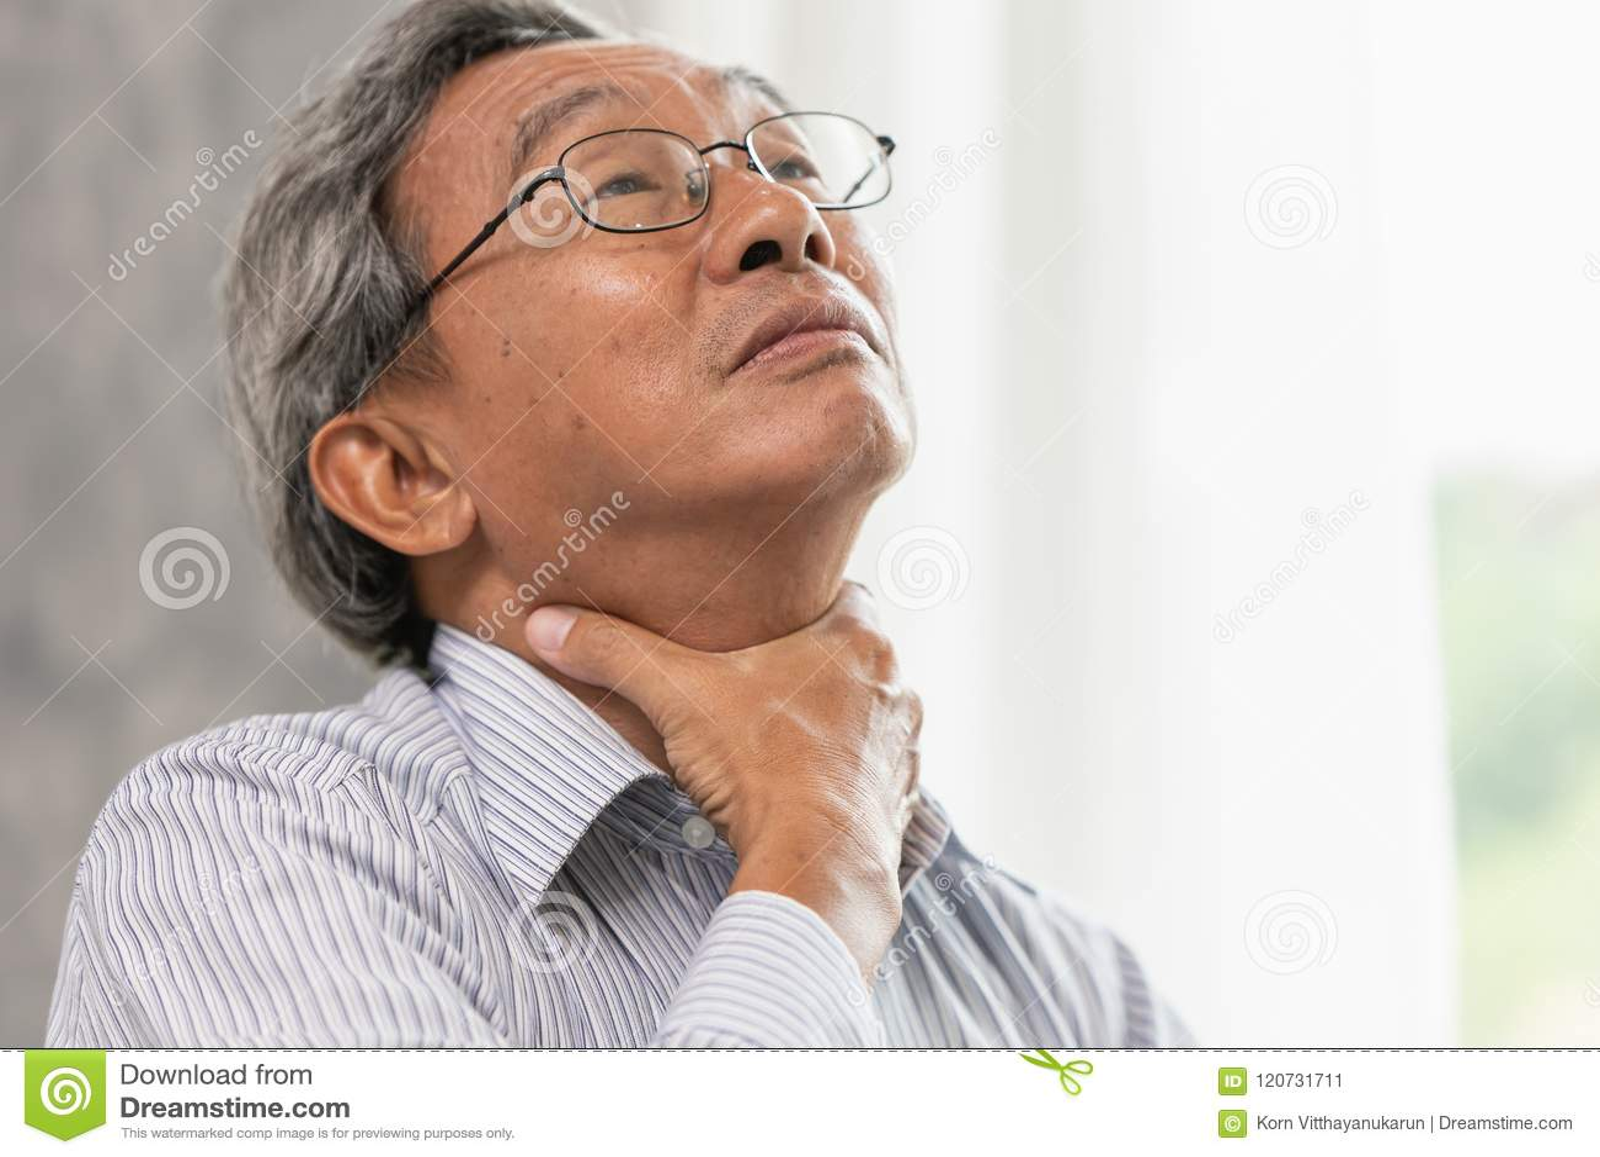 Asiatisk åtstramning för massage för hand för retning för öm hals för gamal man på halsen